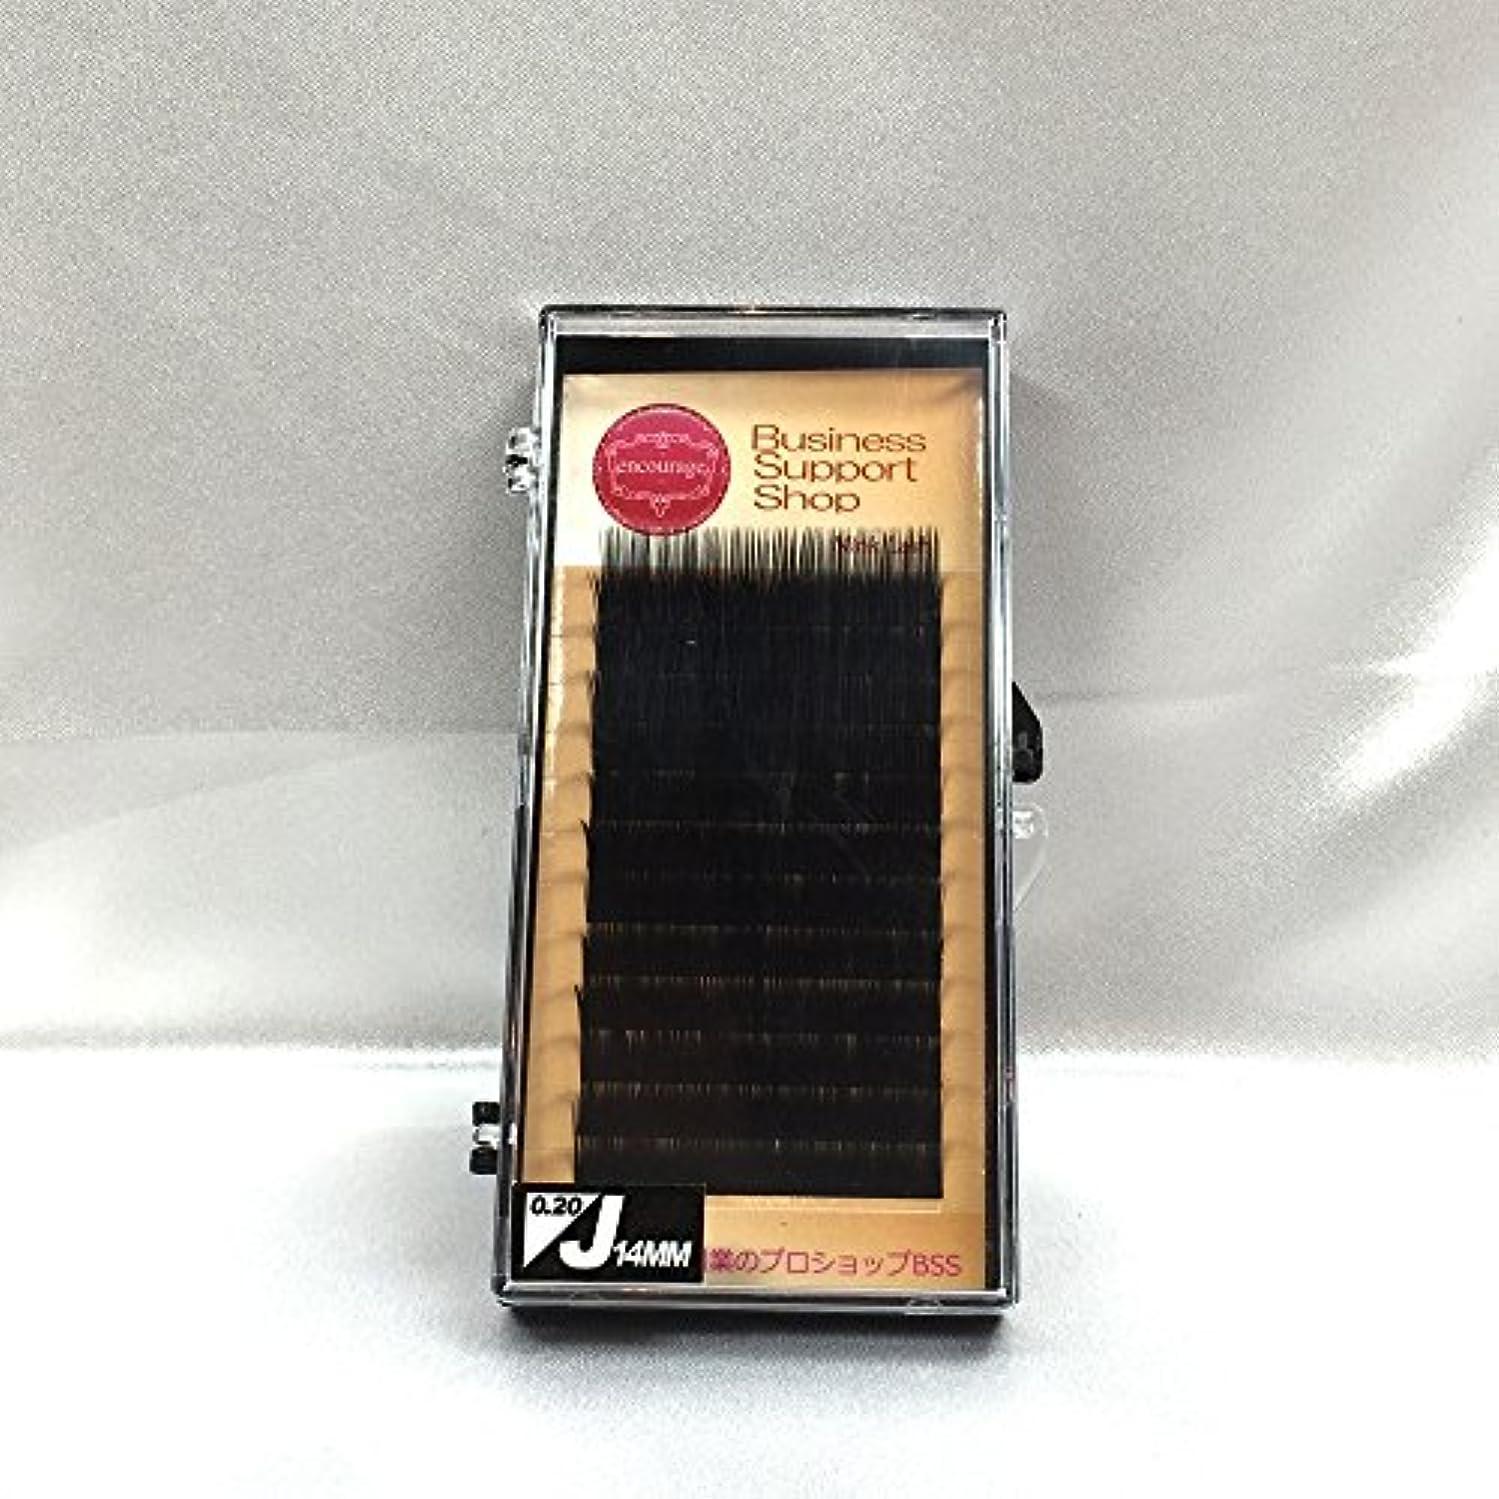 コールド証言する千まつげエクステ Jカール(太さ長さ指定) 高級ミンクまつげ 12列シートタイプ ケース入り (太0.20 長14mm)